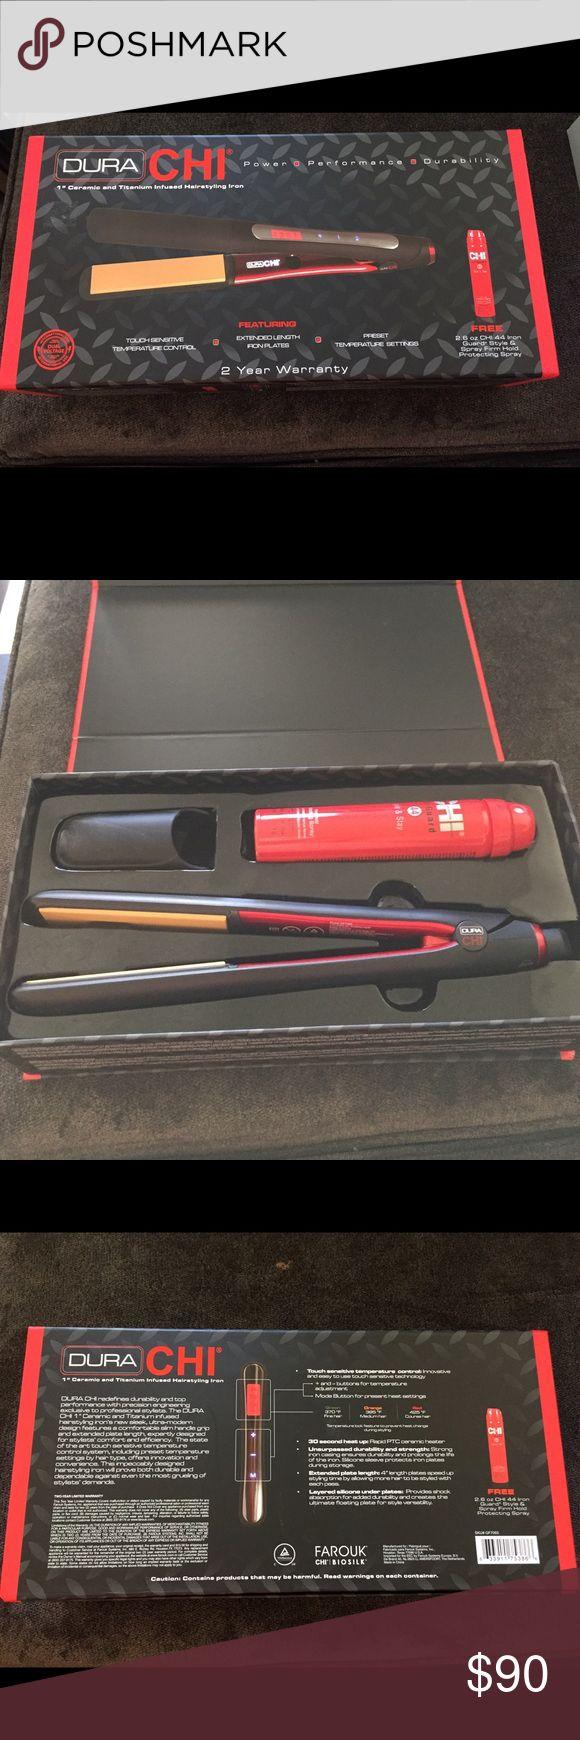 Farouk turbo inch ceramic flat iron p 46 - Best 25 Chi Ceramic Flat Iron Ideas On Pinterest Chi Flat Irons Chi Straightener And Chi Hair Straightener